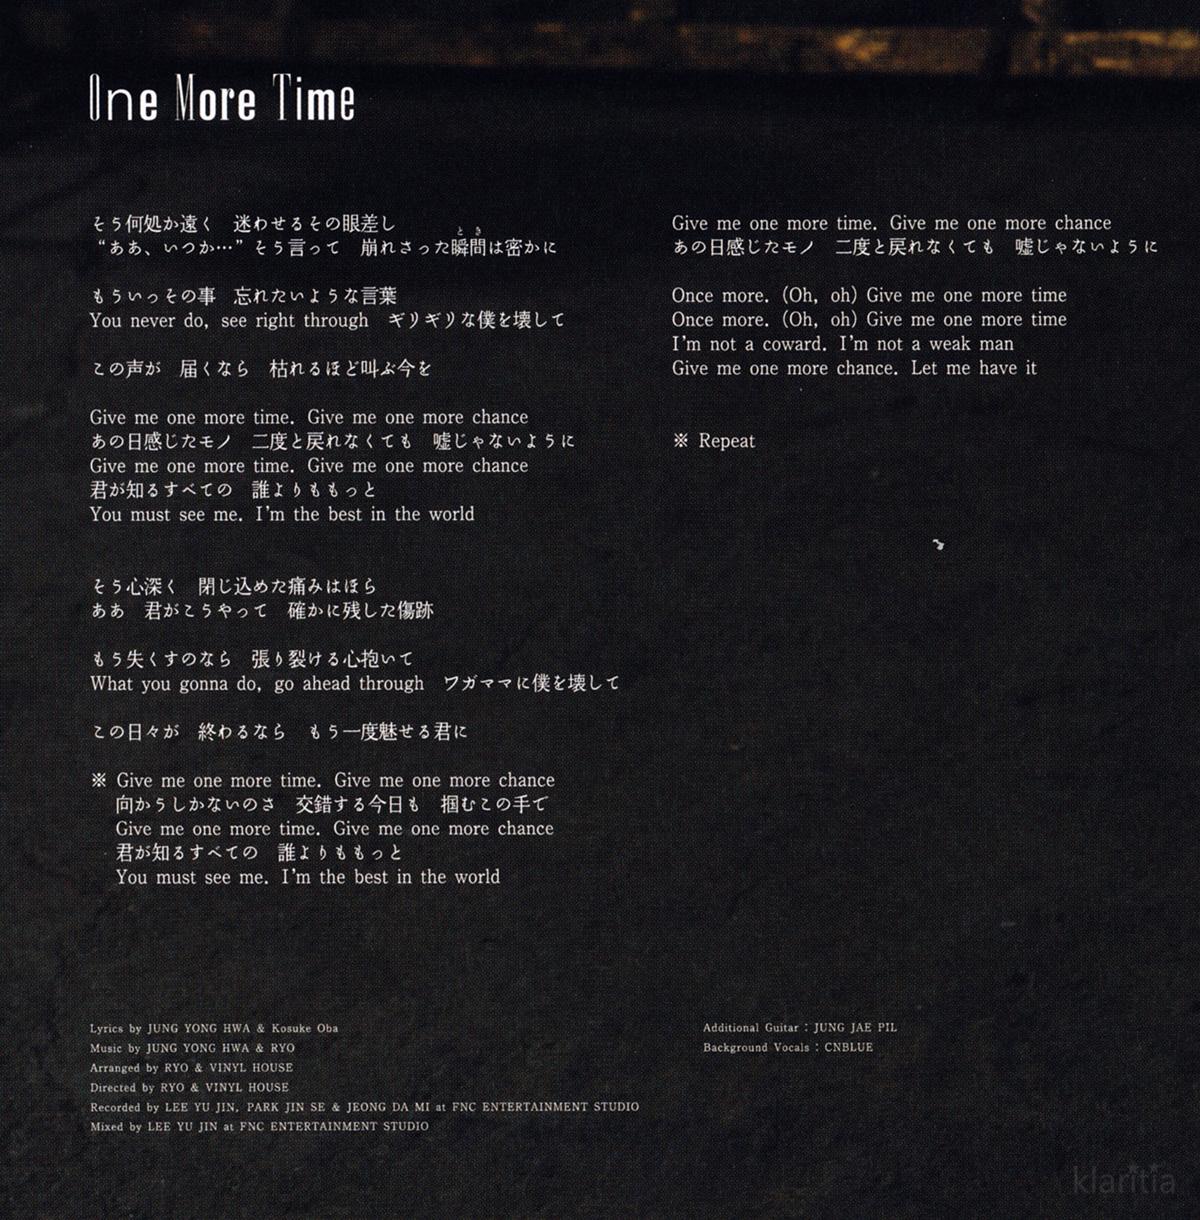 OneMoreTime.jpg